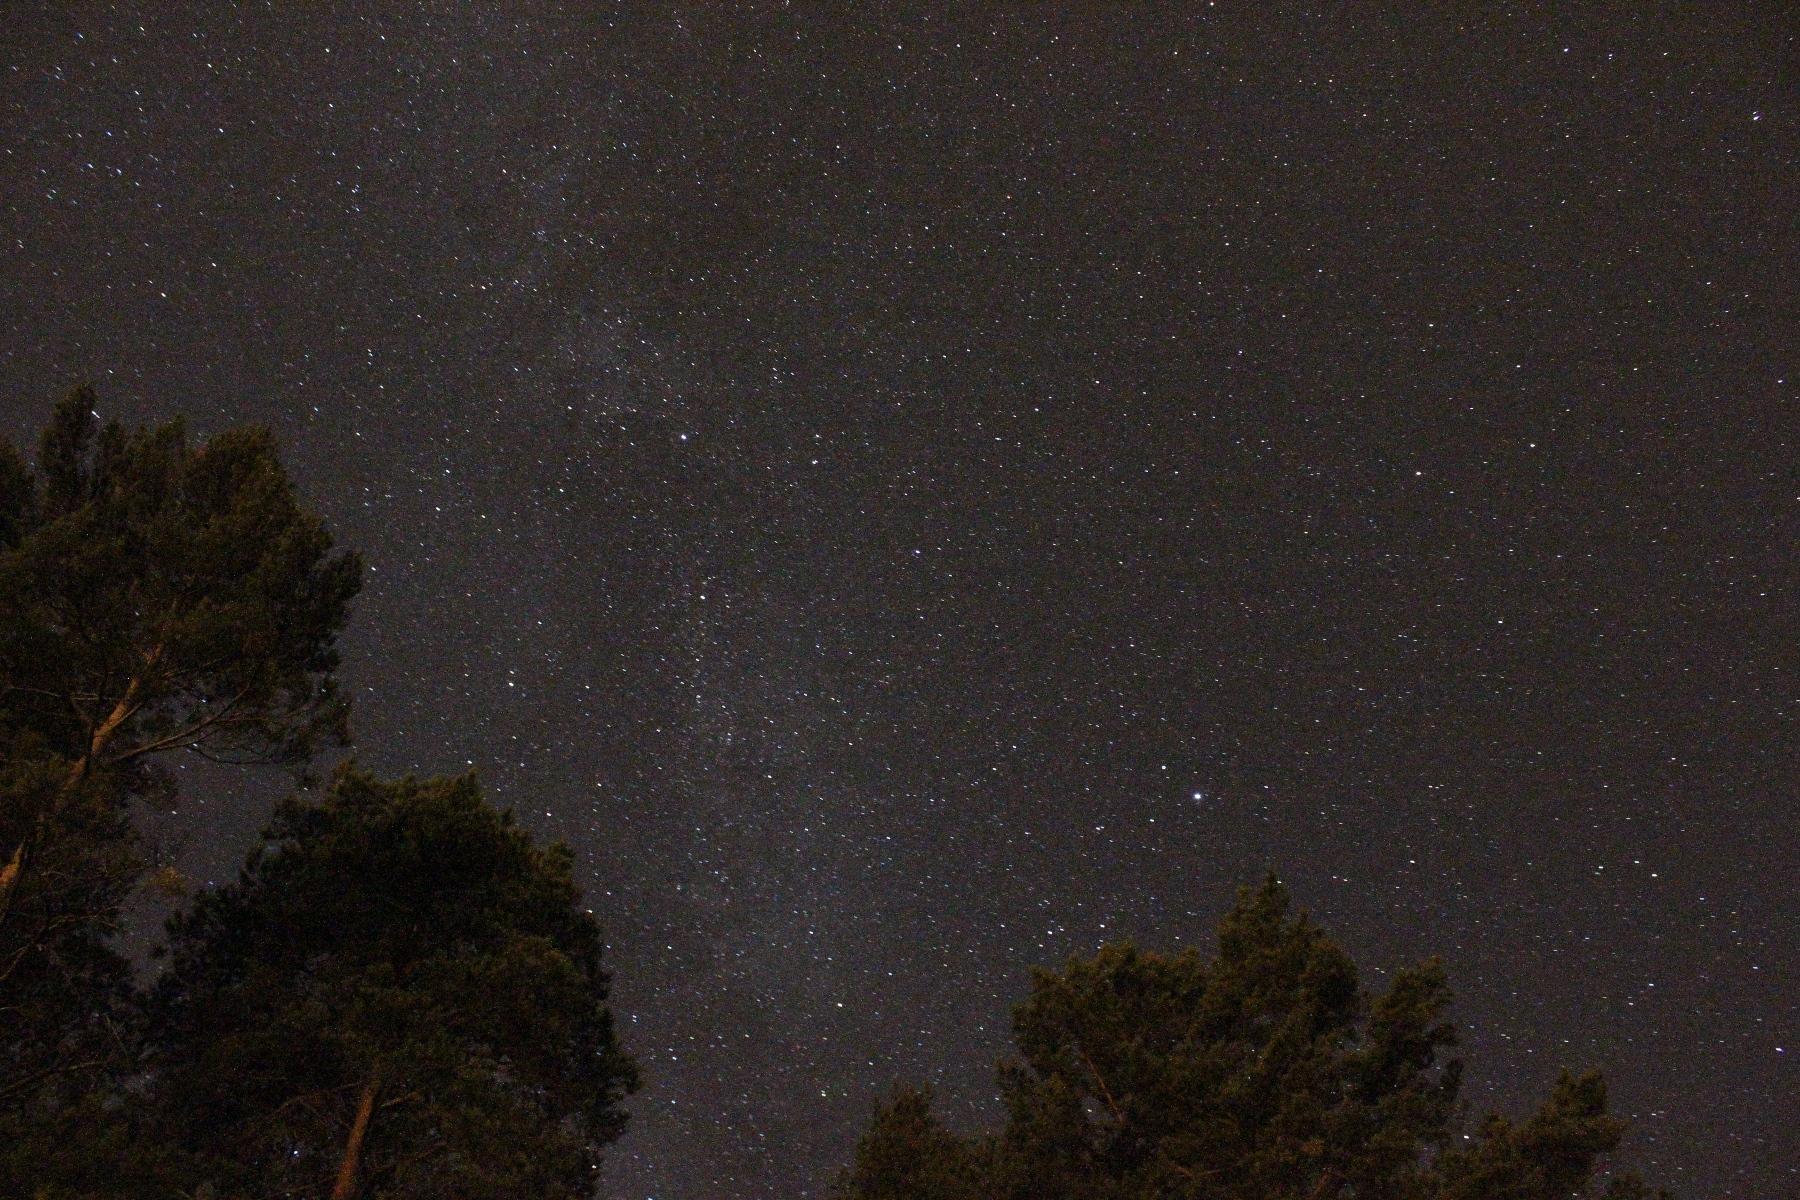 milchstrasse-zwischen-bc3a4umen-2 Faszinierend Schlechtes Sehen Bei Nacht Dekorationen